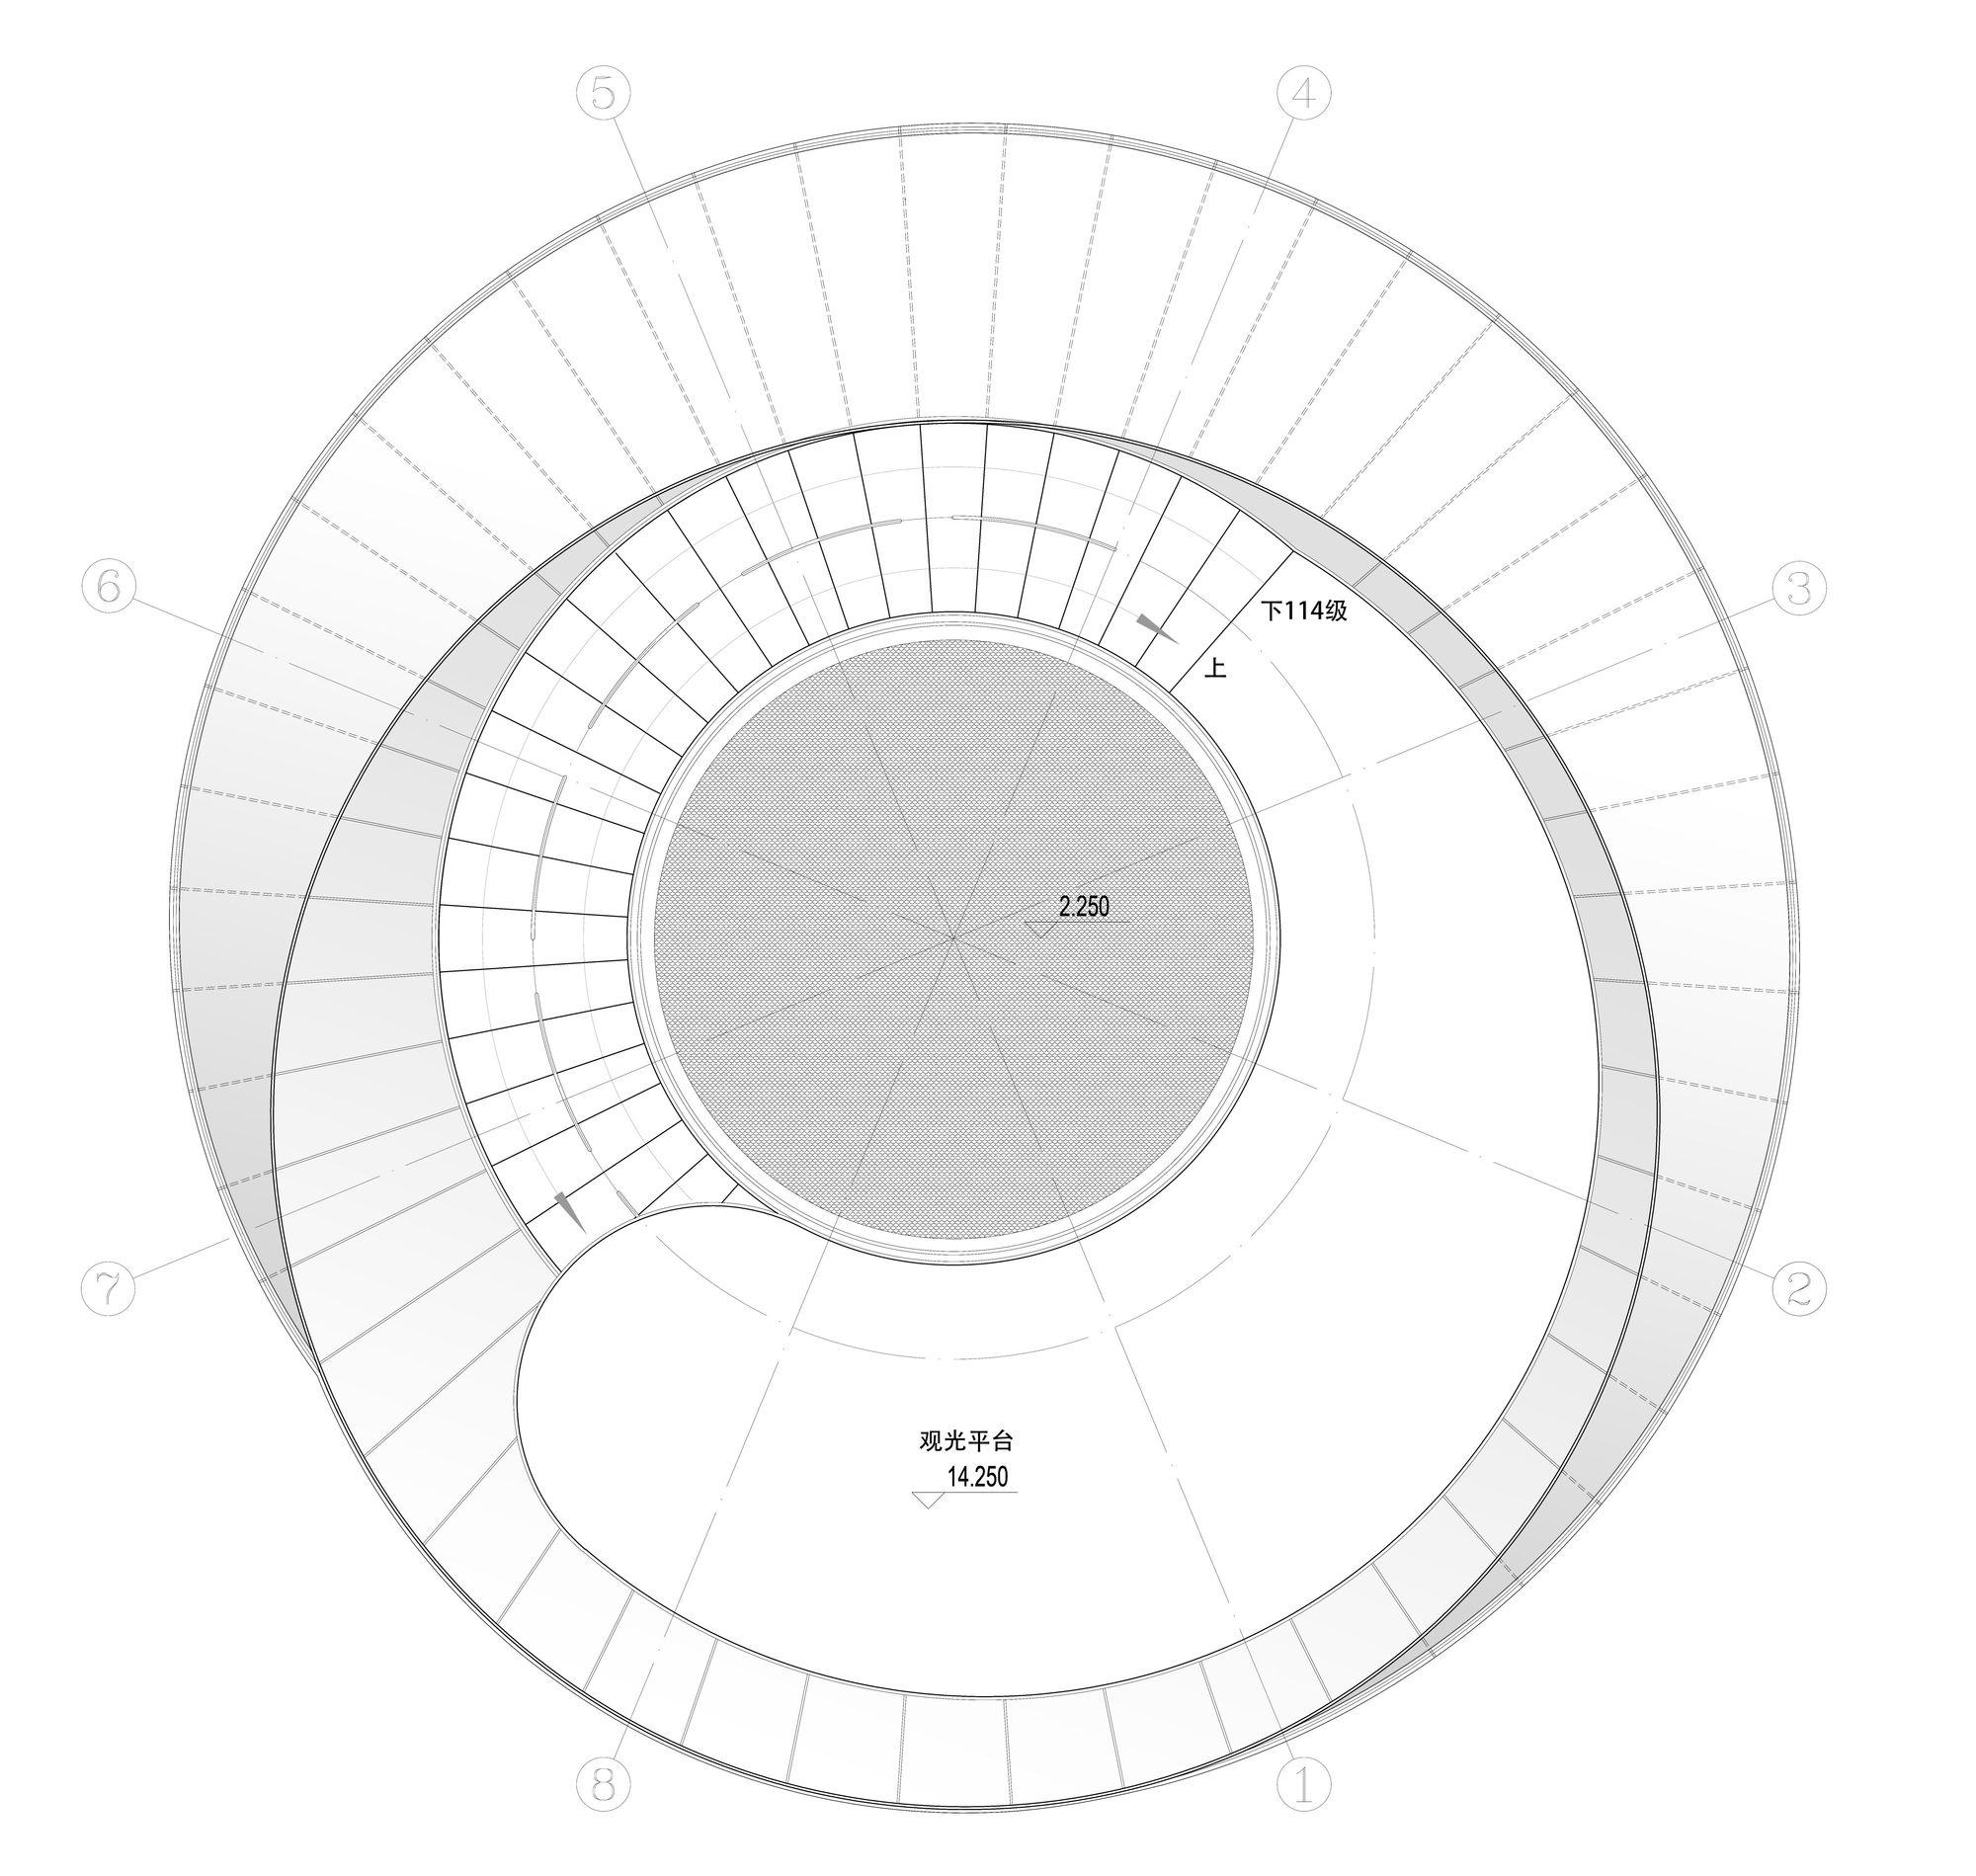 18_出品建筑-观光塔_(18)顶层平面图.jpg